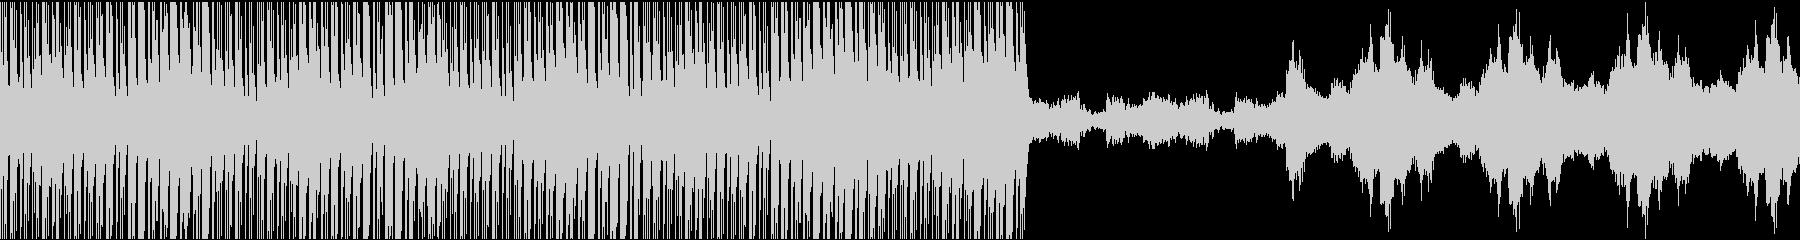 金属的・追跡者・不安感・インスト・ループの未再生の波形